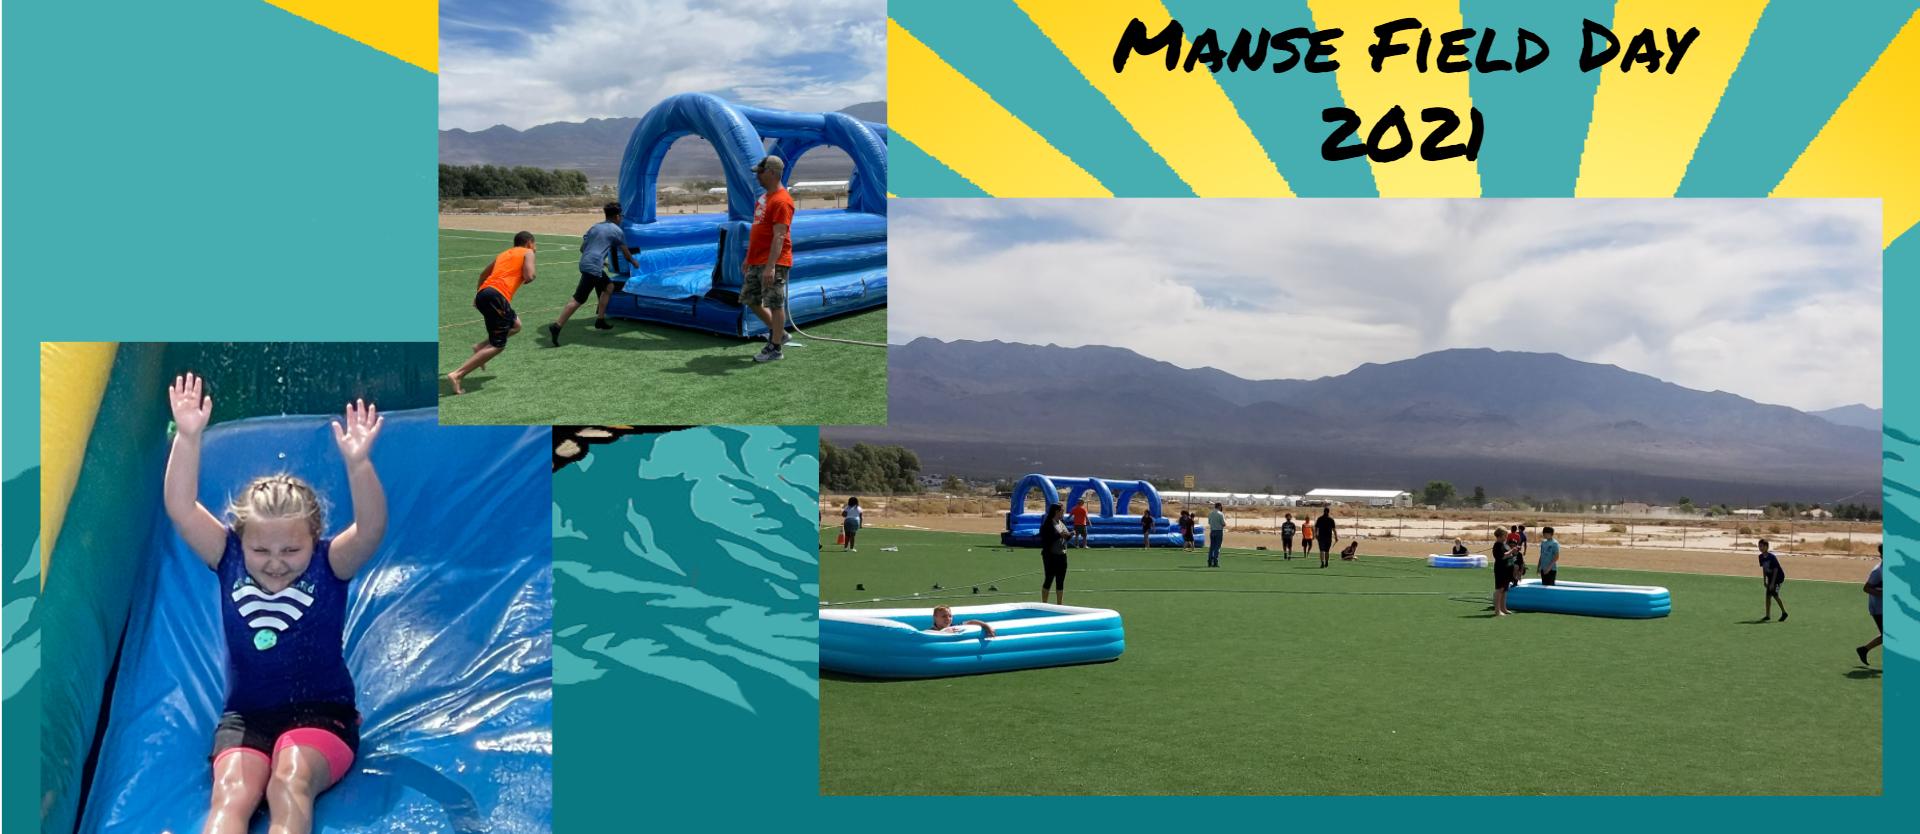 Manse Field Day